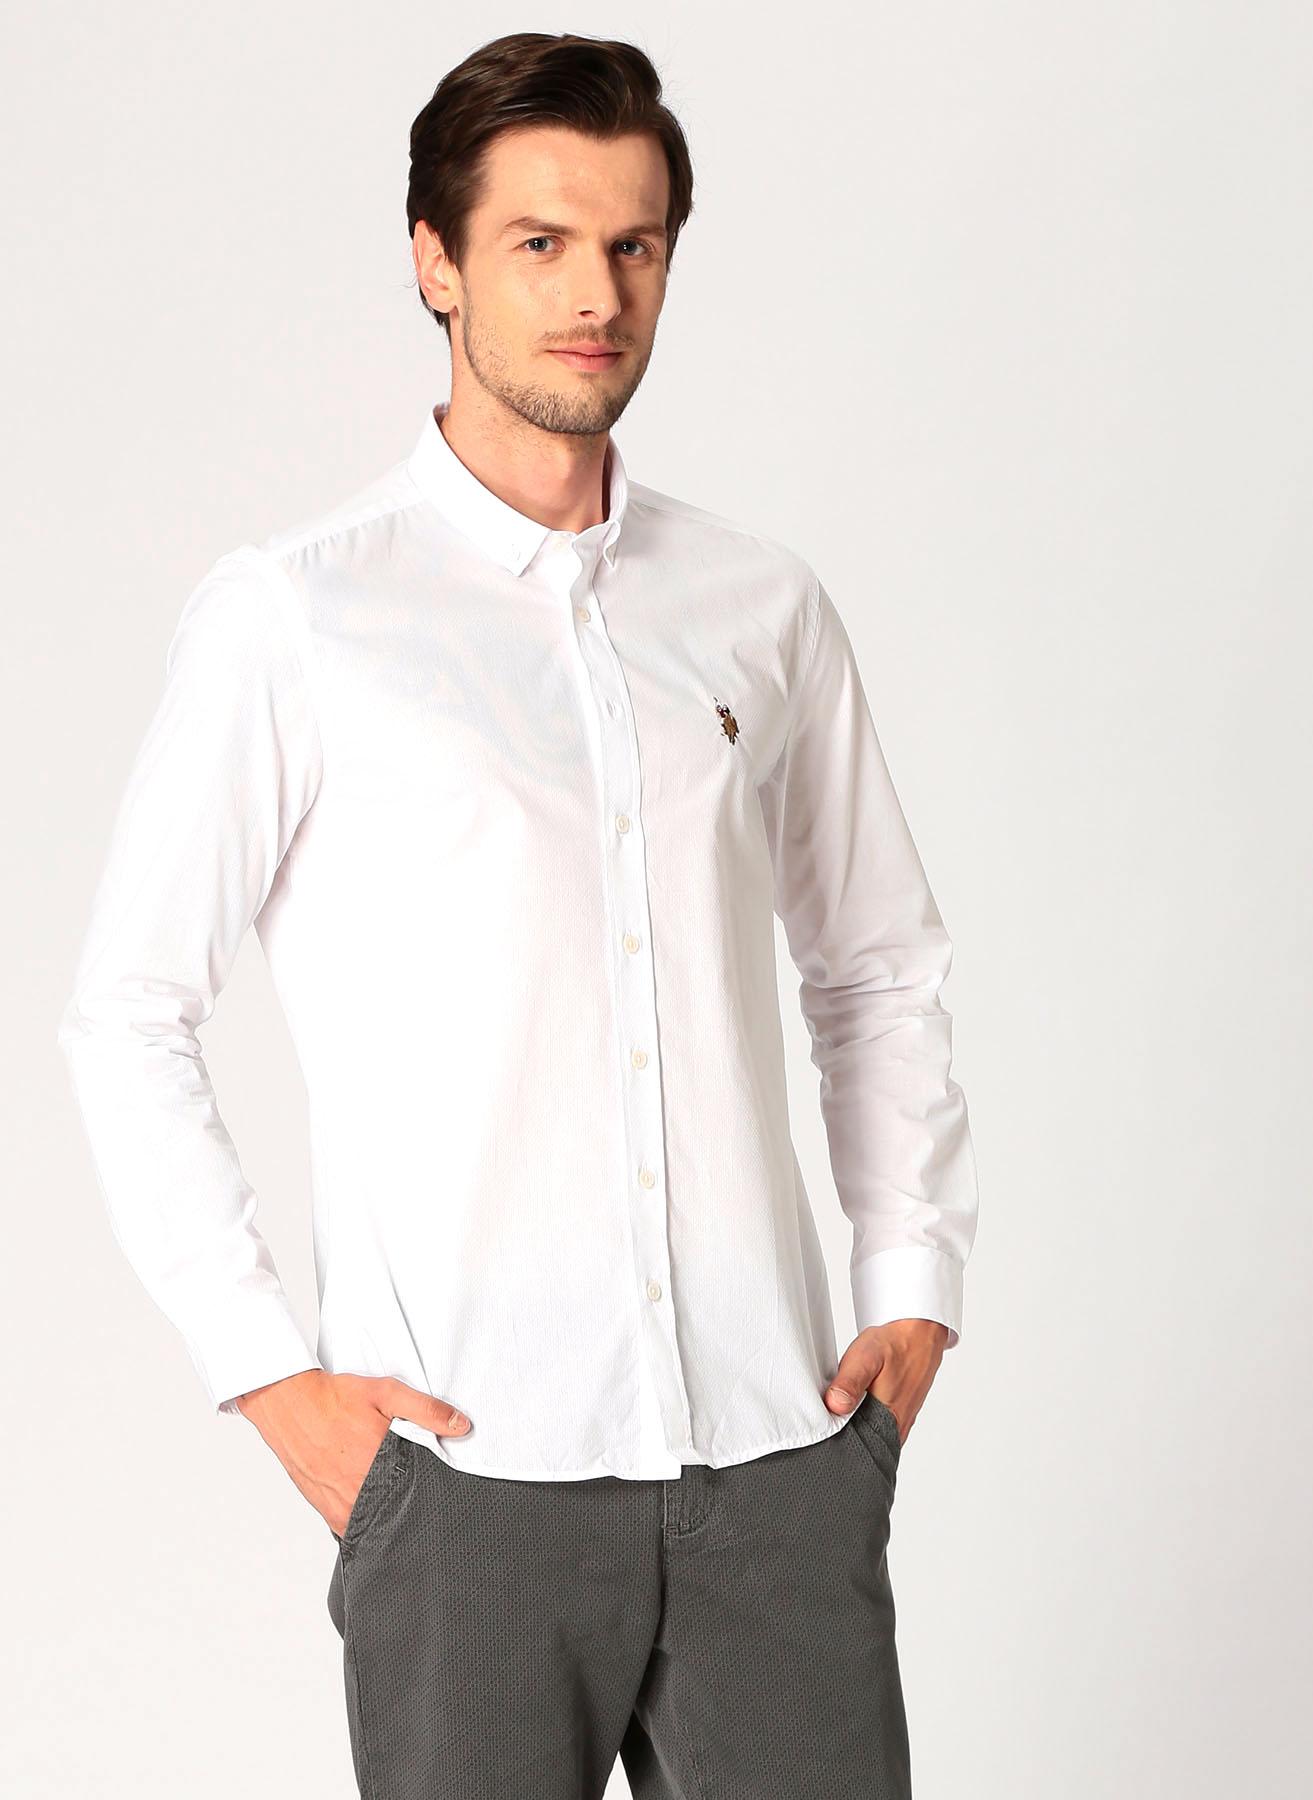 U.S. Polo Assn. Beyaz Gömlek S 5001704709003 Ürün Resmi